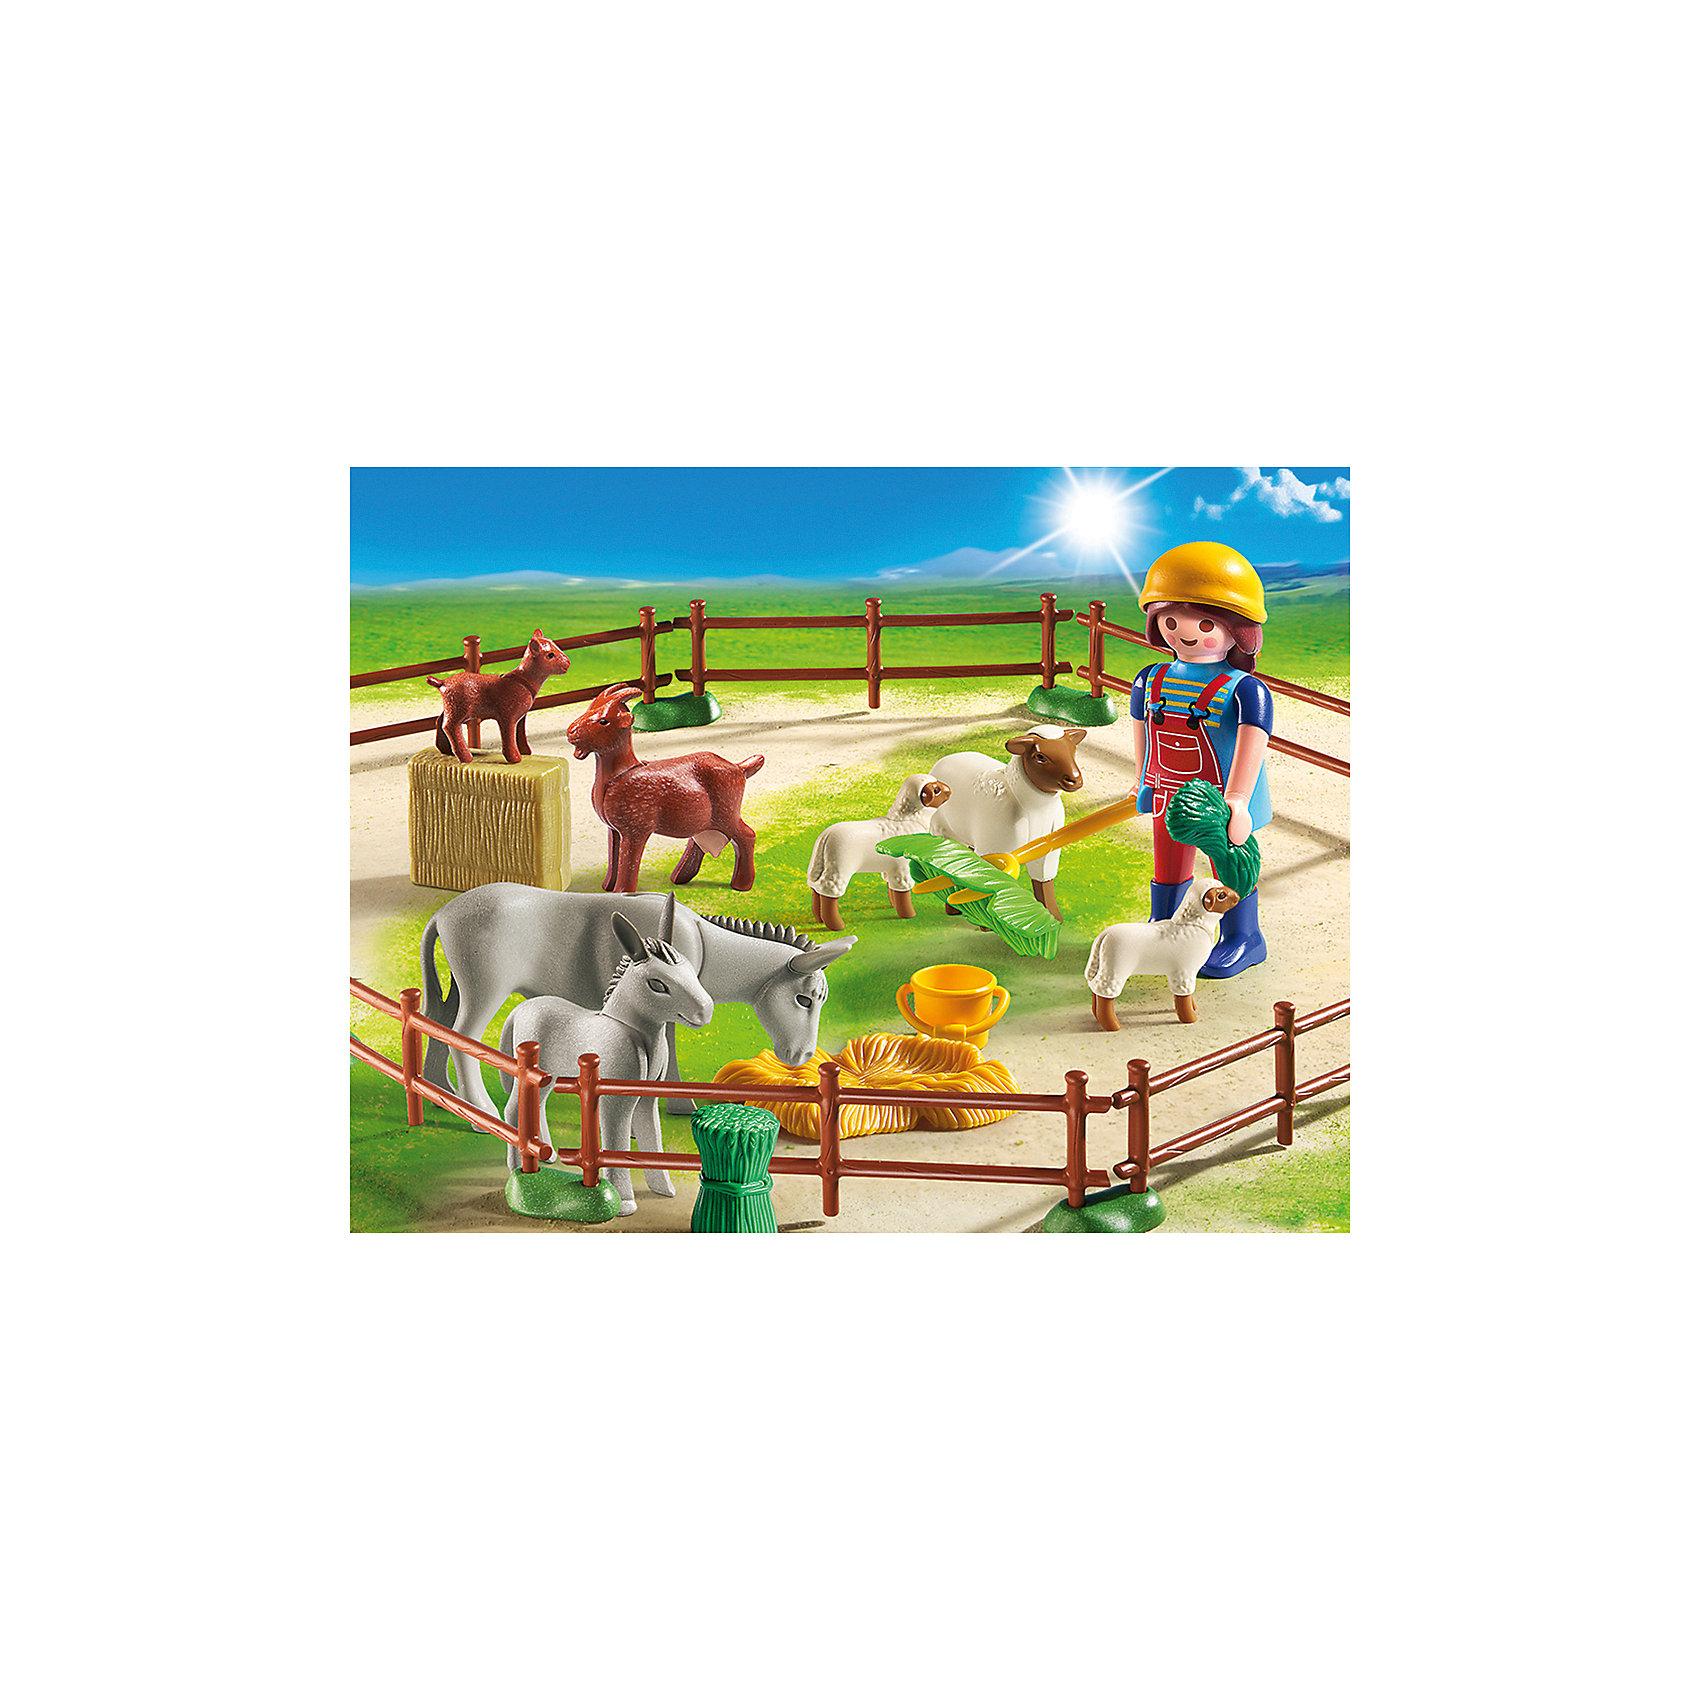 Фермер с домашними животными, PLAYMOBILПластмассовые конструкторы<br>Отправляйся на ферму, посмотри, как фермер ухаживает за своими животными. В наборе фигурка фермера, животные, ограждение, сено, аксессуары. Фигурка имеет подвижные конечности, в руки можно вложить различные предметы. Все детали прекрасно проработаны и выполнены из высококачественного экологичного пластика безопасного для детей. Играть с таким набором не только приятно и интересно - подобные виды игры развивают мелкую моторику, воображение, творческое мышление.<br><br>Дополнительная информация:<br><br>- 1 фигурка.<br>- Комплектация: 1 фигурка, животные (осел, осленок, коза, козленок, овца, 2 ягненка), аксессуары, забор.<br>- Материал: пластик.<br>- Размер упаковки: 19х15х7,6 см.<br>- Высота фигурки: 7,5 см.<br>- Голова, руки, ноги у фигурки подвижные.<br><br>Набор Фермер с домашними животными, PLAYMOBIL (Плеймобил), можно купить в нашем магазине.<br><br>Ширина мм: 193<br>Глубина мм: 144<br>Высота мм: 76<br>Вес г: 196<br>Возраст от месяцев: 48<br>Возраст до месяцев: 120<br>Пол: Унисекс<br>Возраст: Детский<br>SKU: 3786399